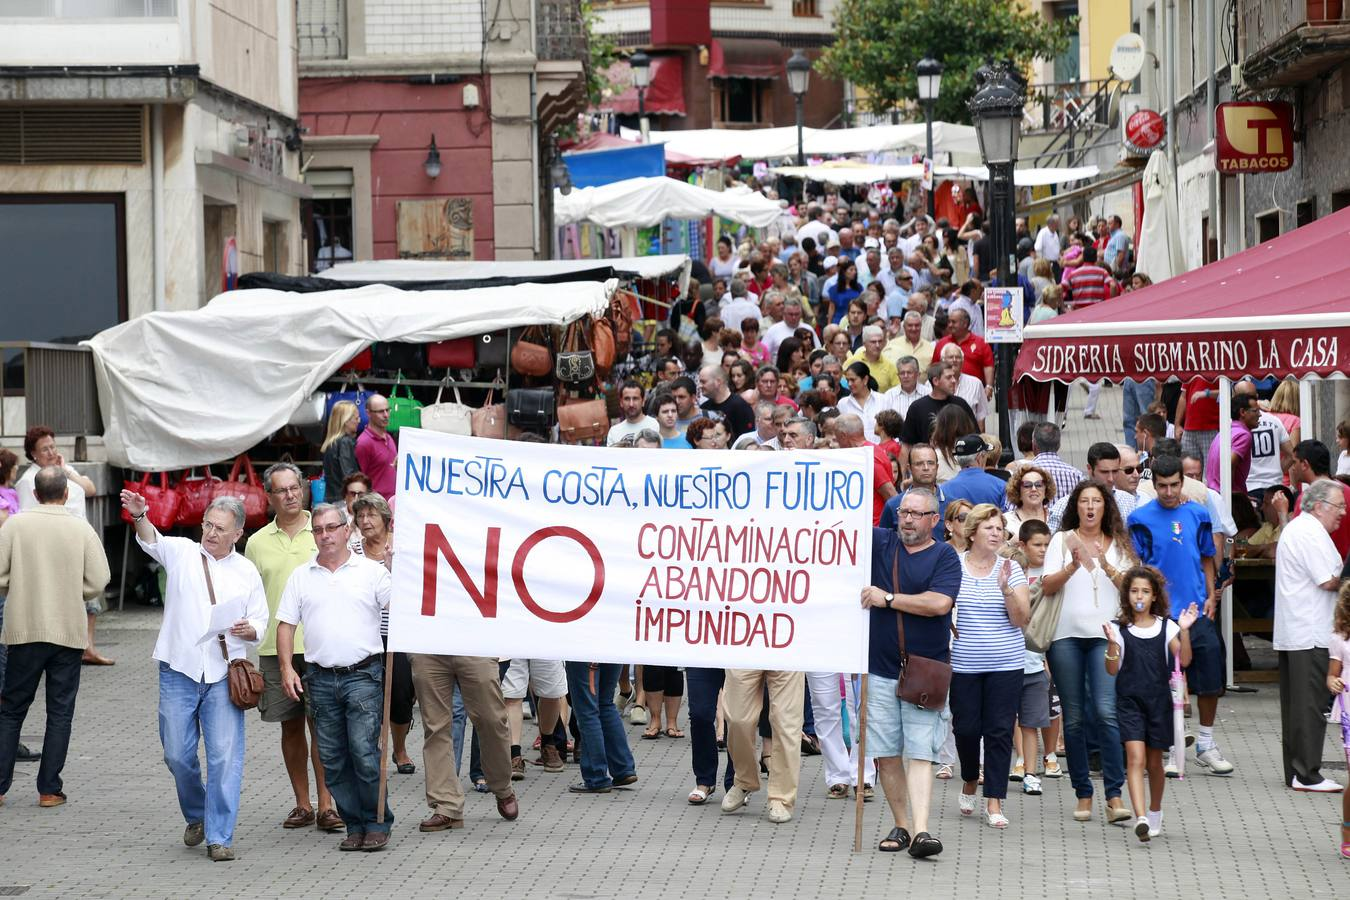 Los vecinos de Carreño protestan por el abandono del concejo